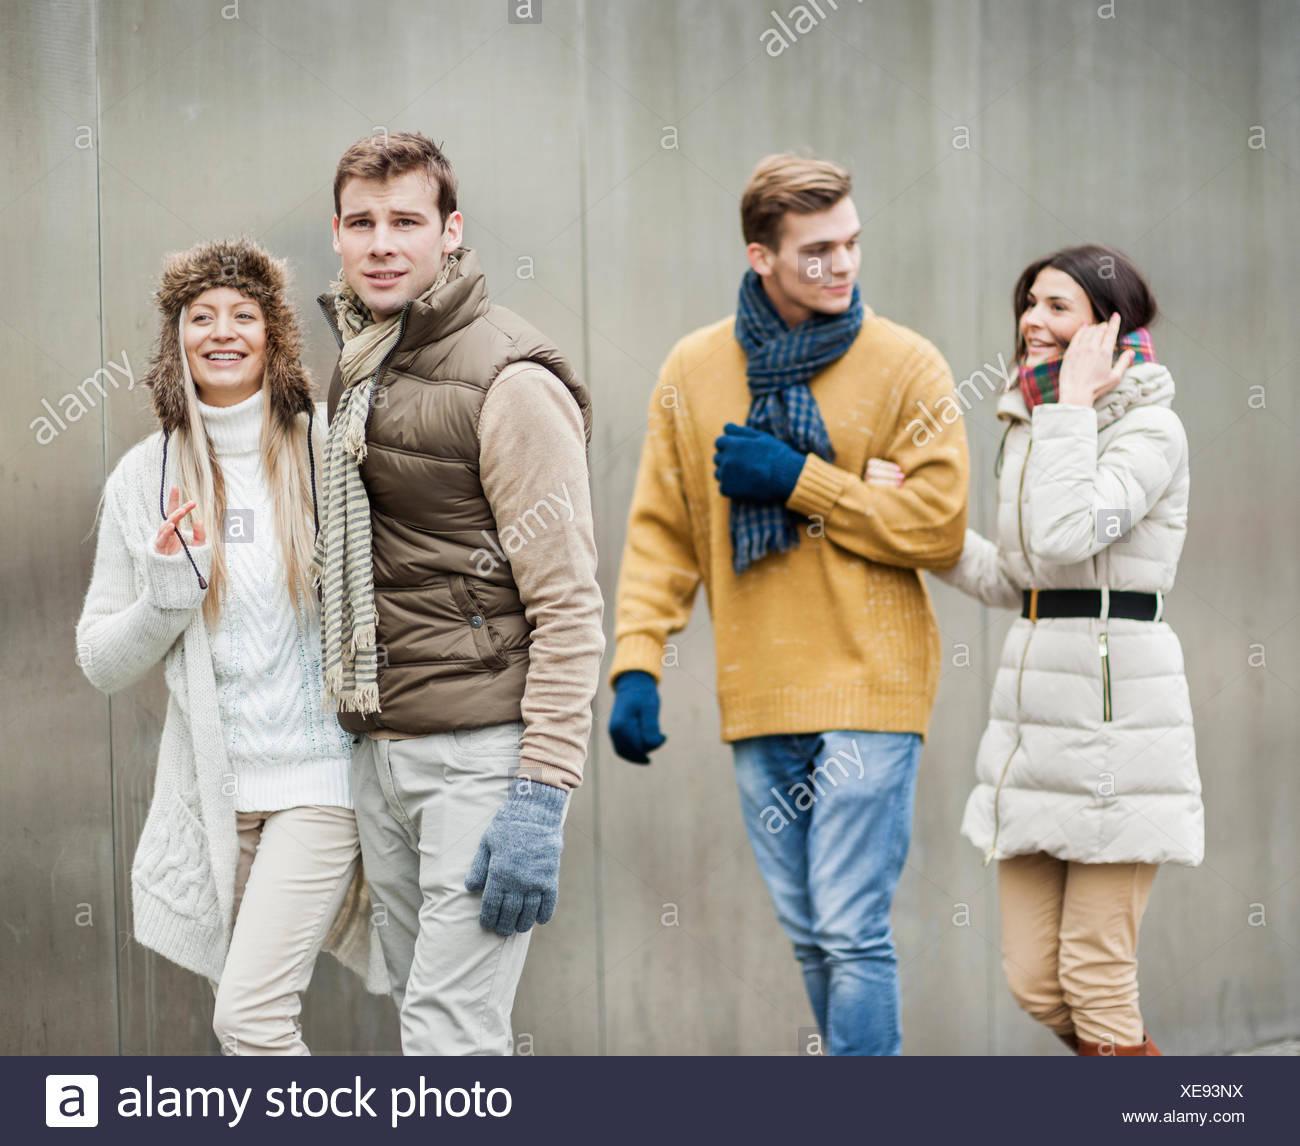 Sorridente coppie giovani a piedi contro la parete Immagini Stock